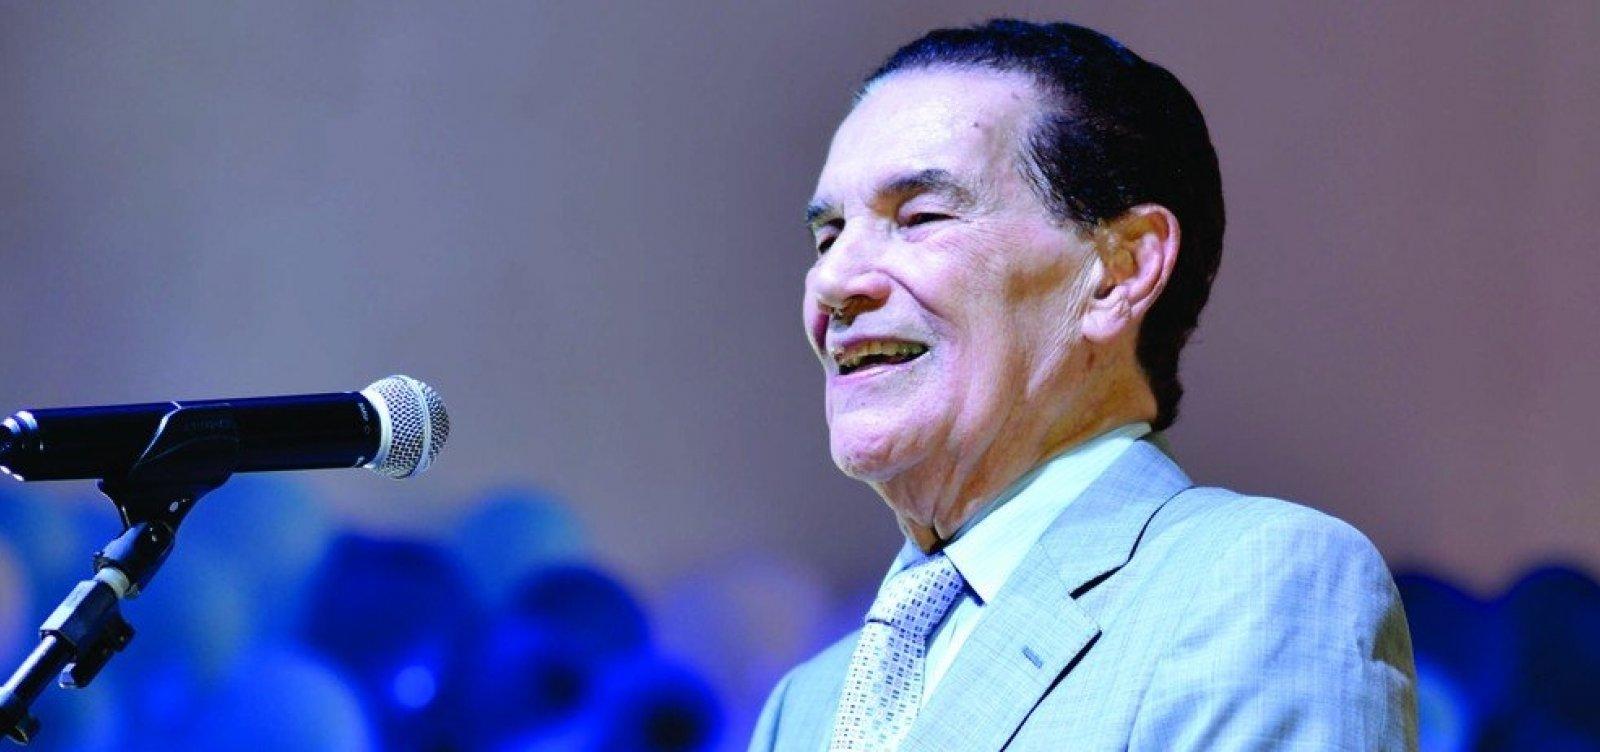 [Líder espírita Divaldo Franco é hospitalizado em SP para passar por cirurgia]